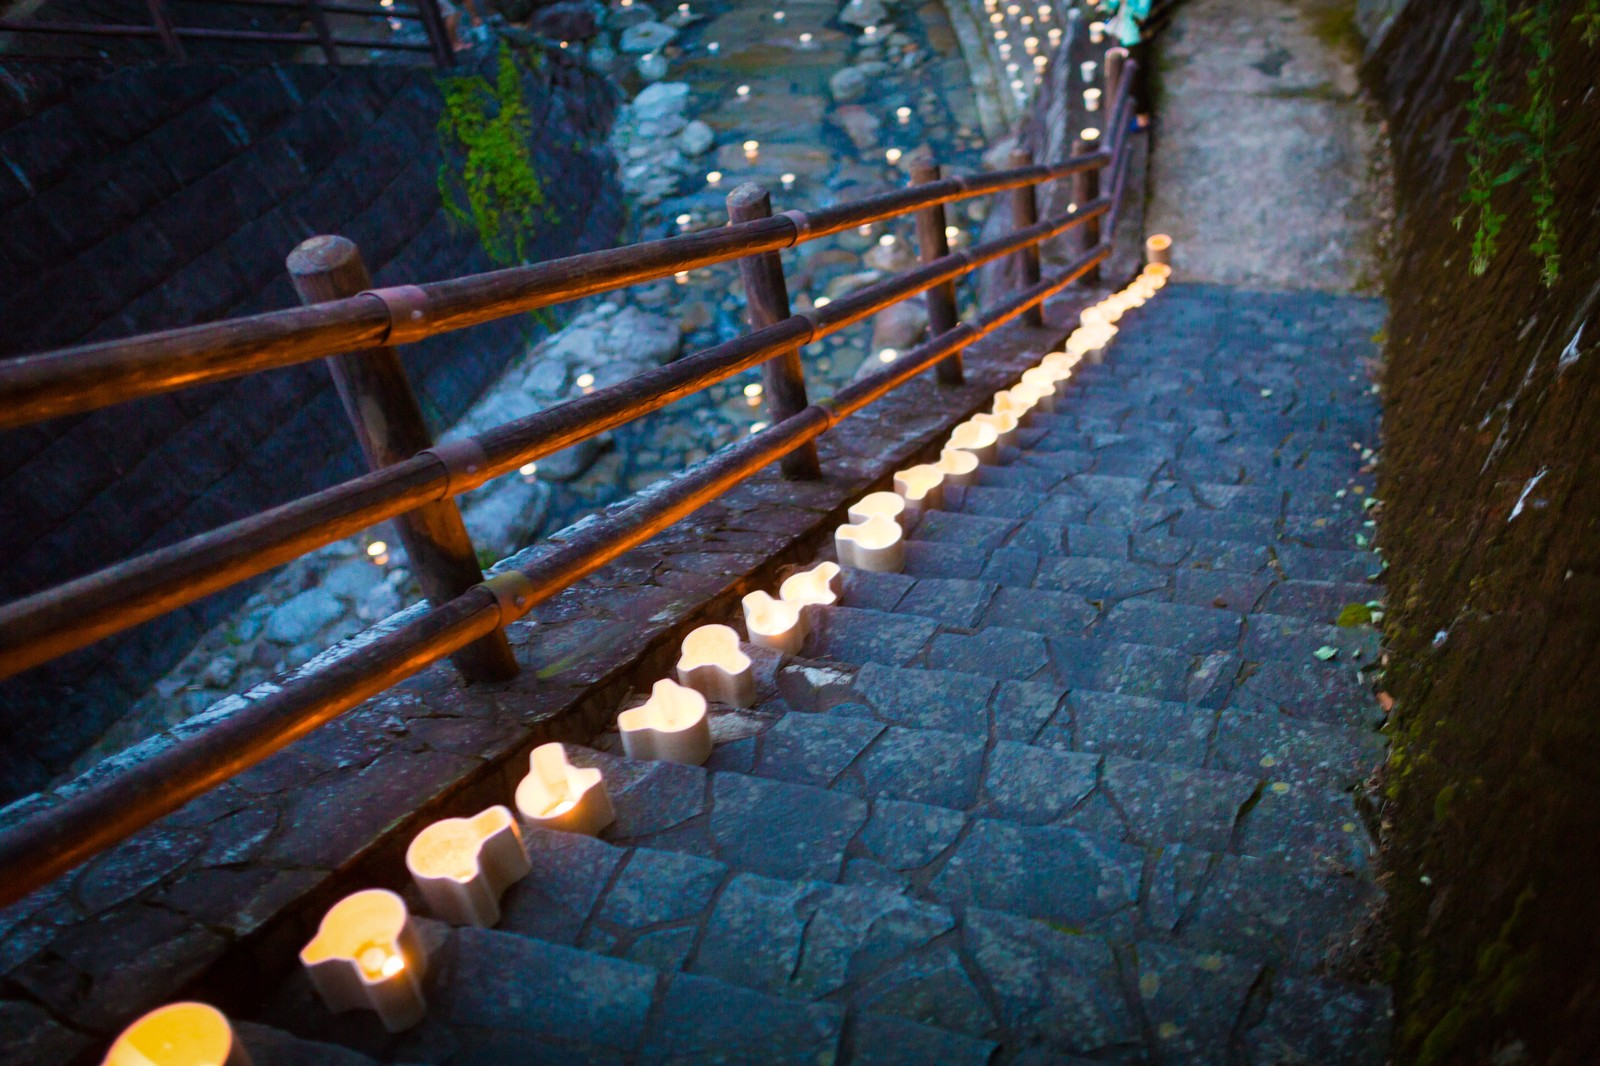 「階段に置かれた灯ろう階段に置かれた灯ろう」のフリー写真素材を拡大